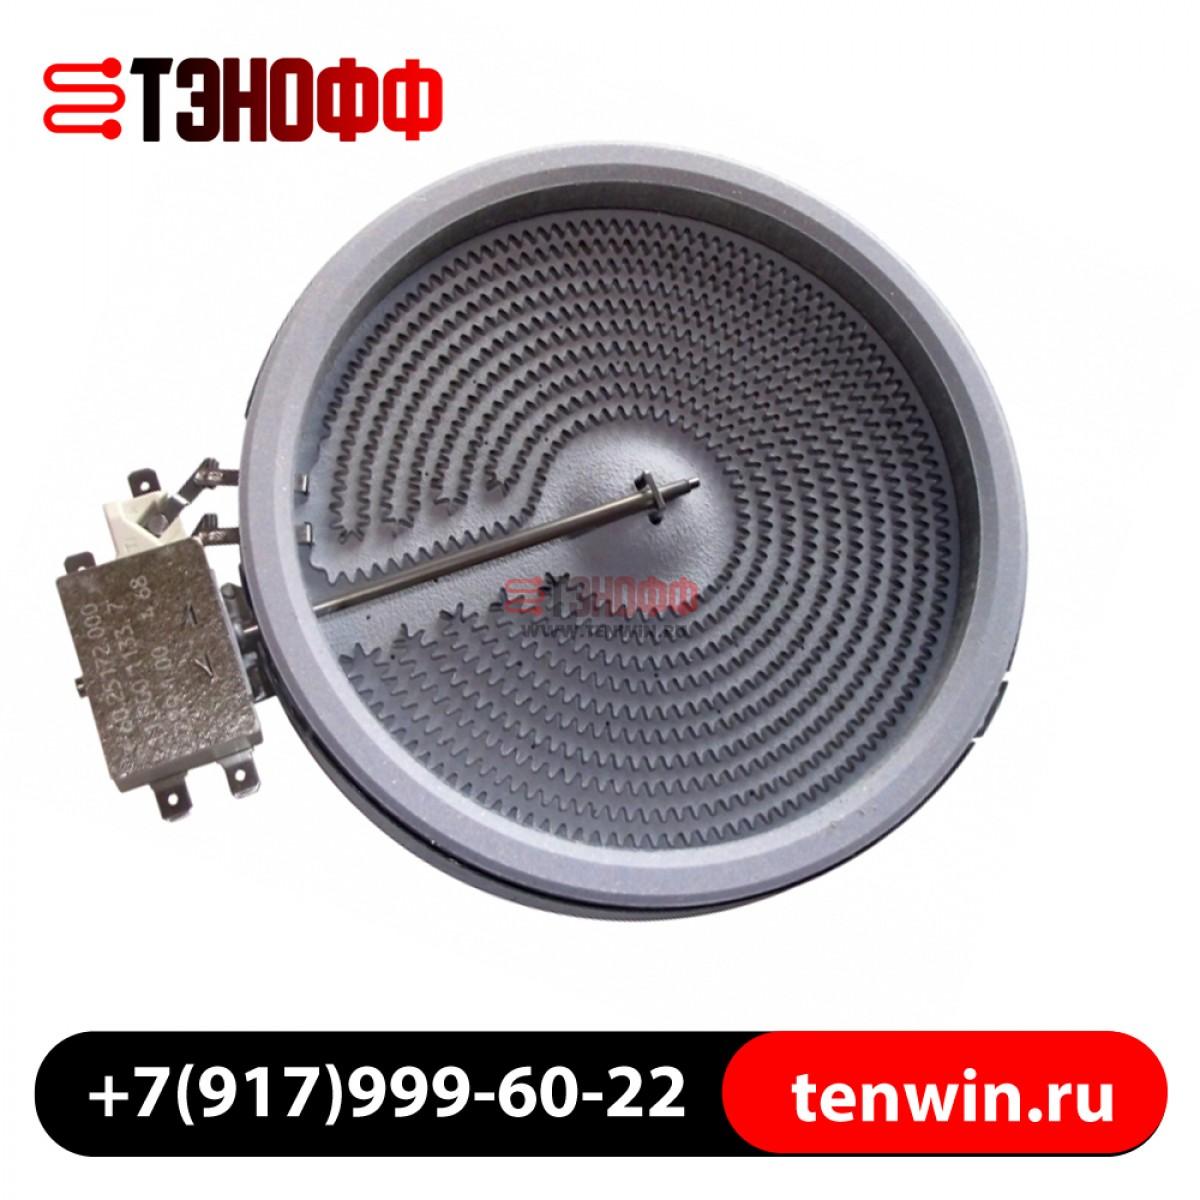 Конфорка 1500w варочной панели стеклокерамика EGO 10.56111.004